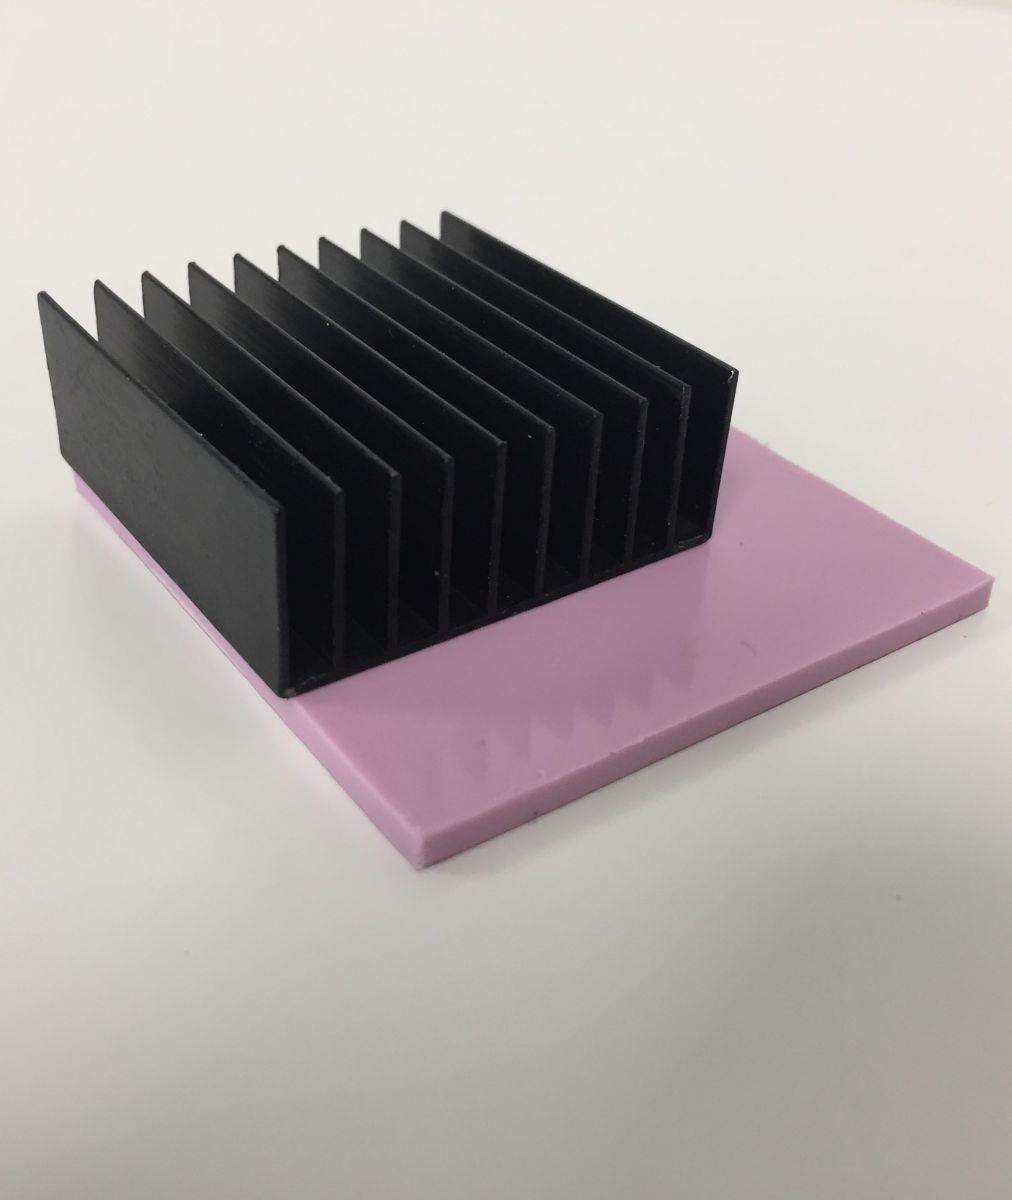 warmtegeleidend rubber